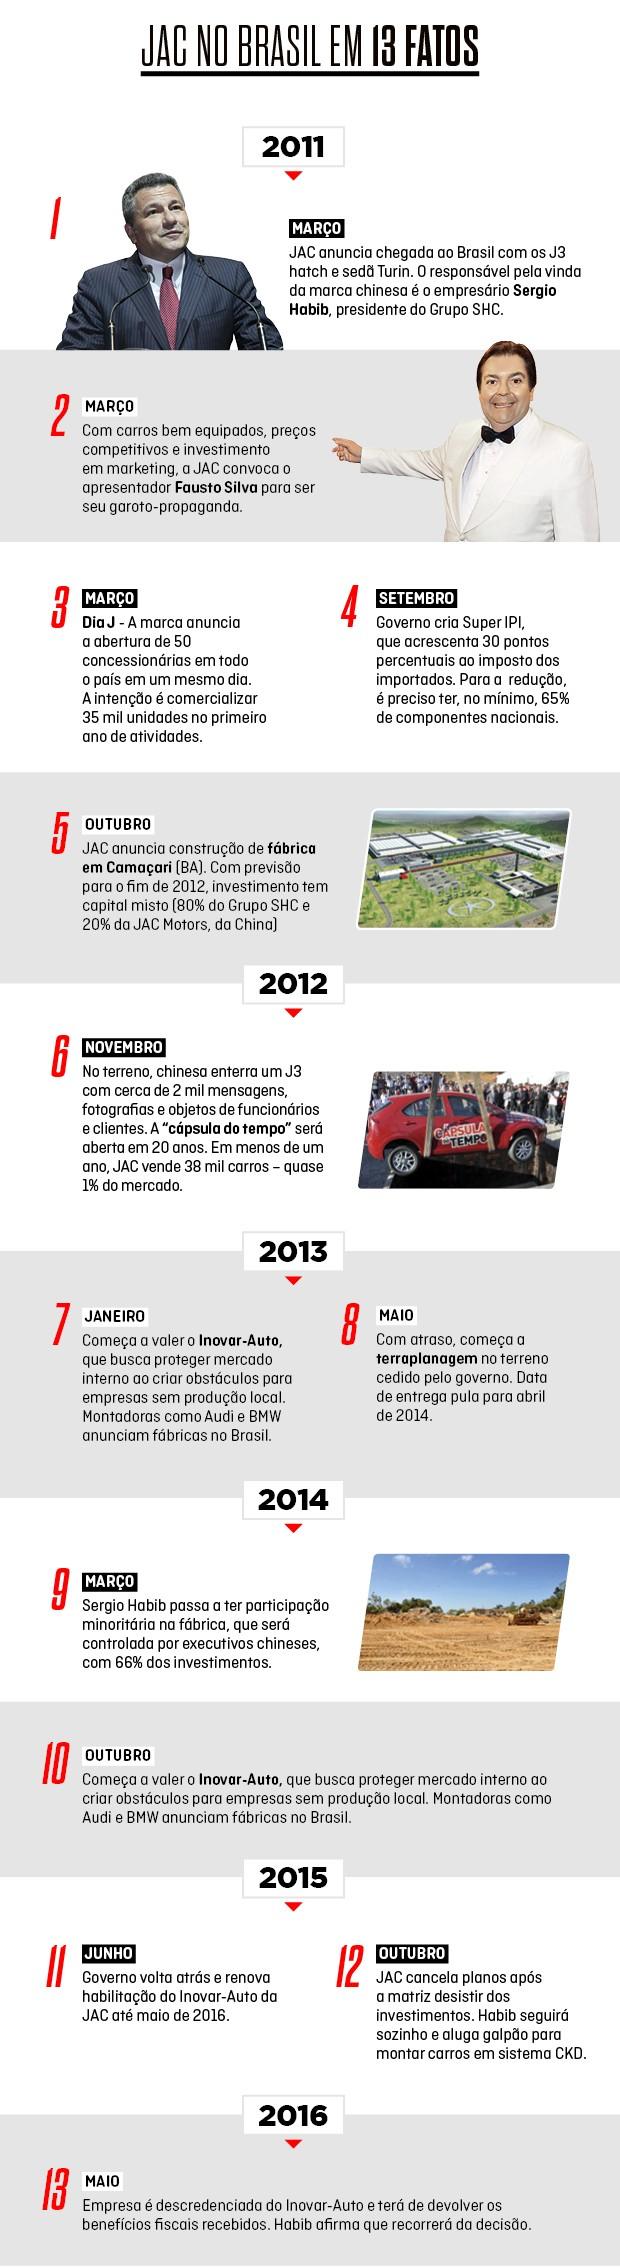 JAC no Brasil em 13 fatos (Foto: Autoesporte)